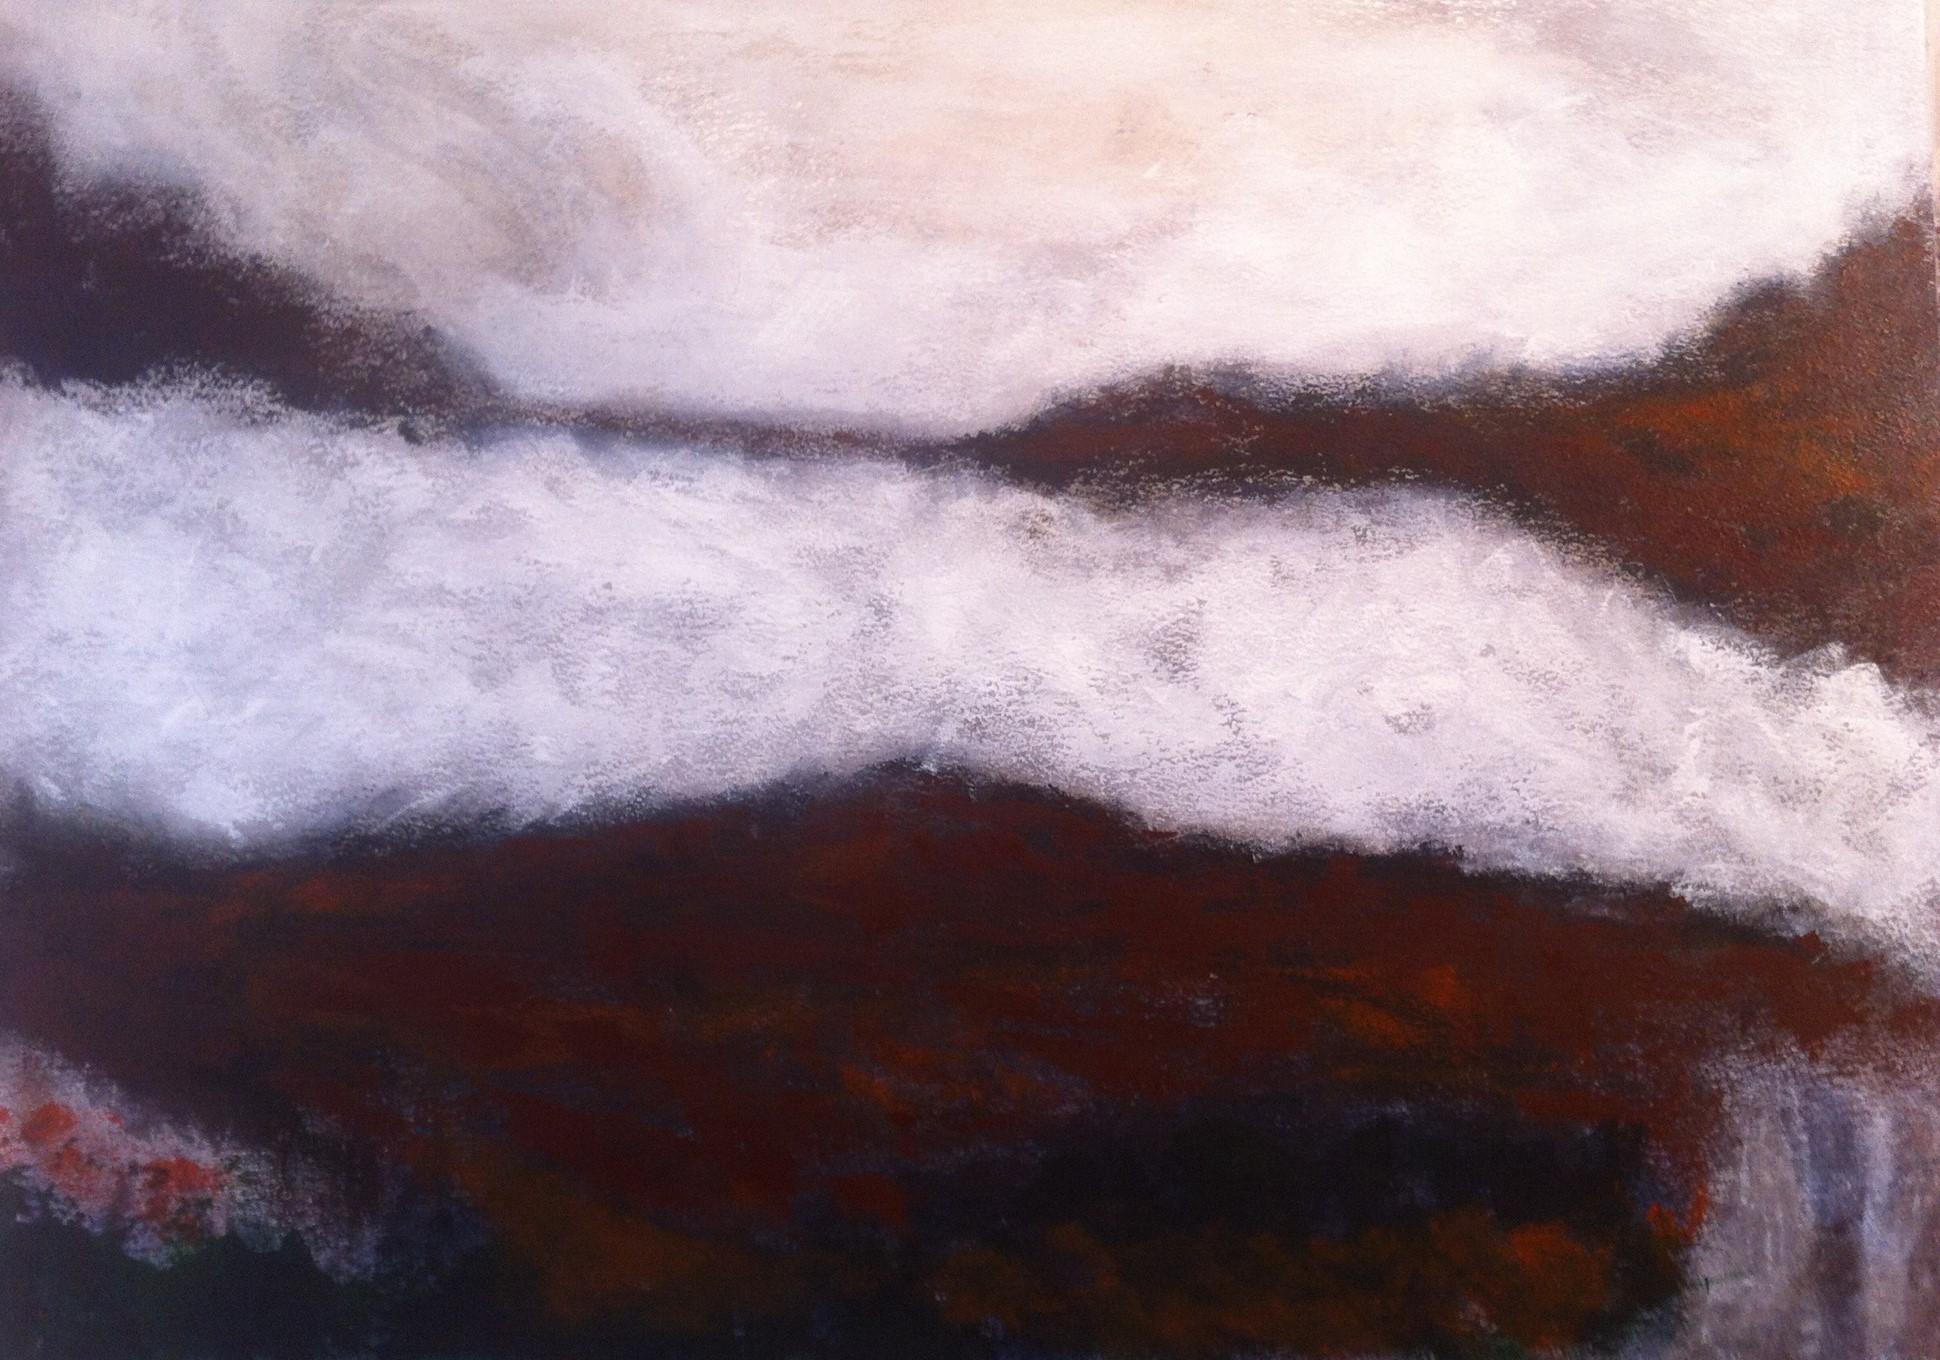 N°1024 - Mer de glace - Acrylique sur papier - 65 x 76 cm - 7 janvier 2014